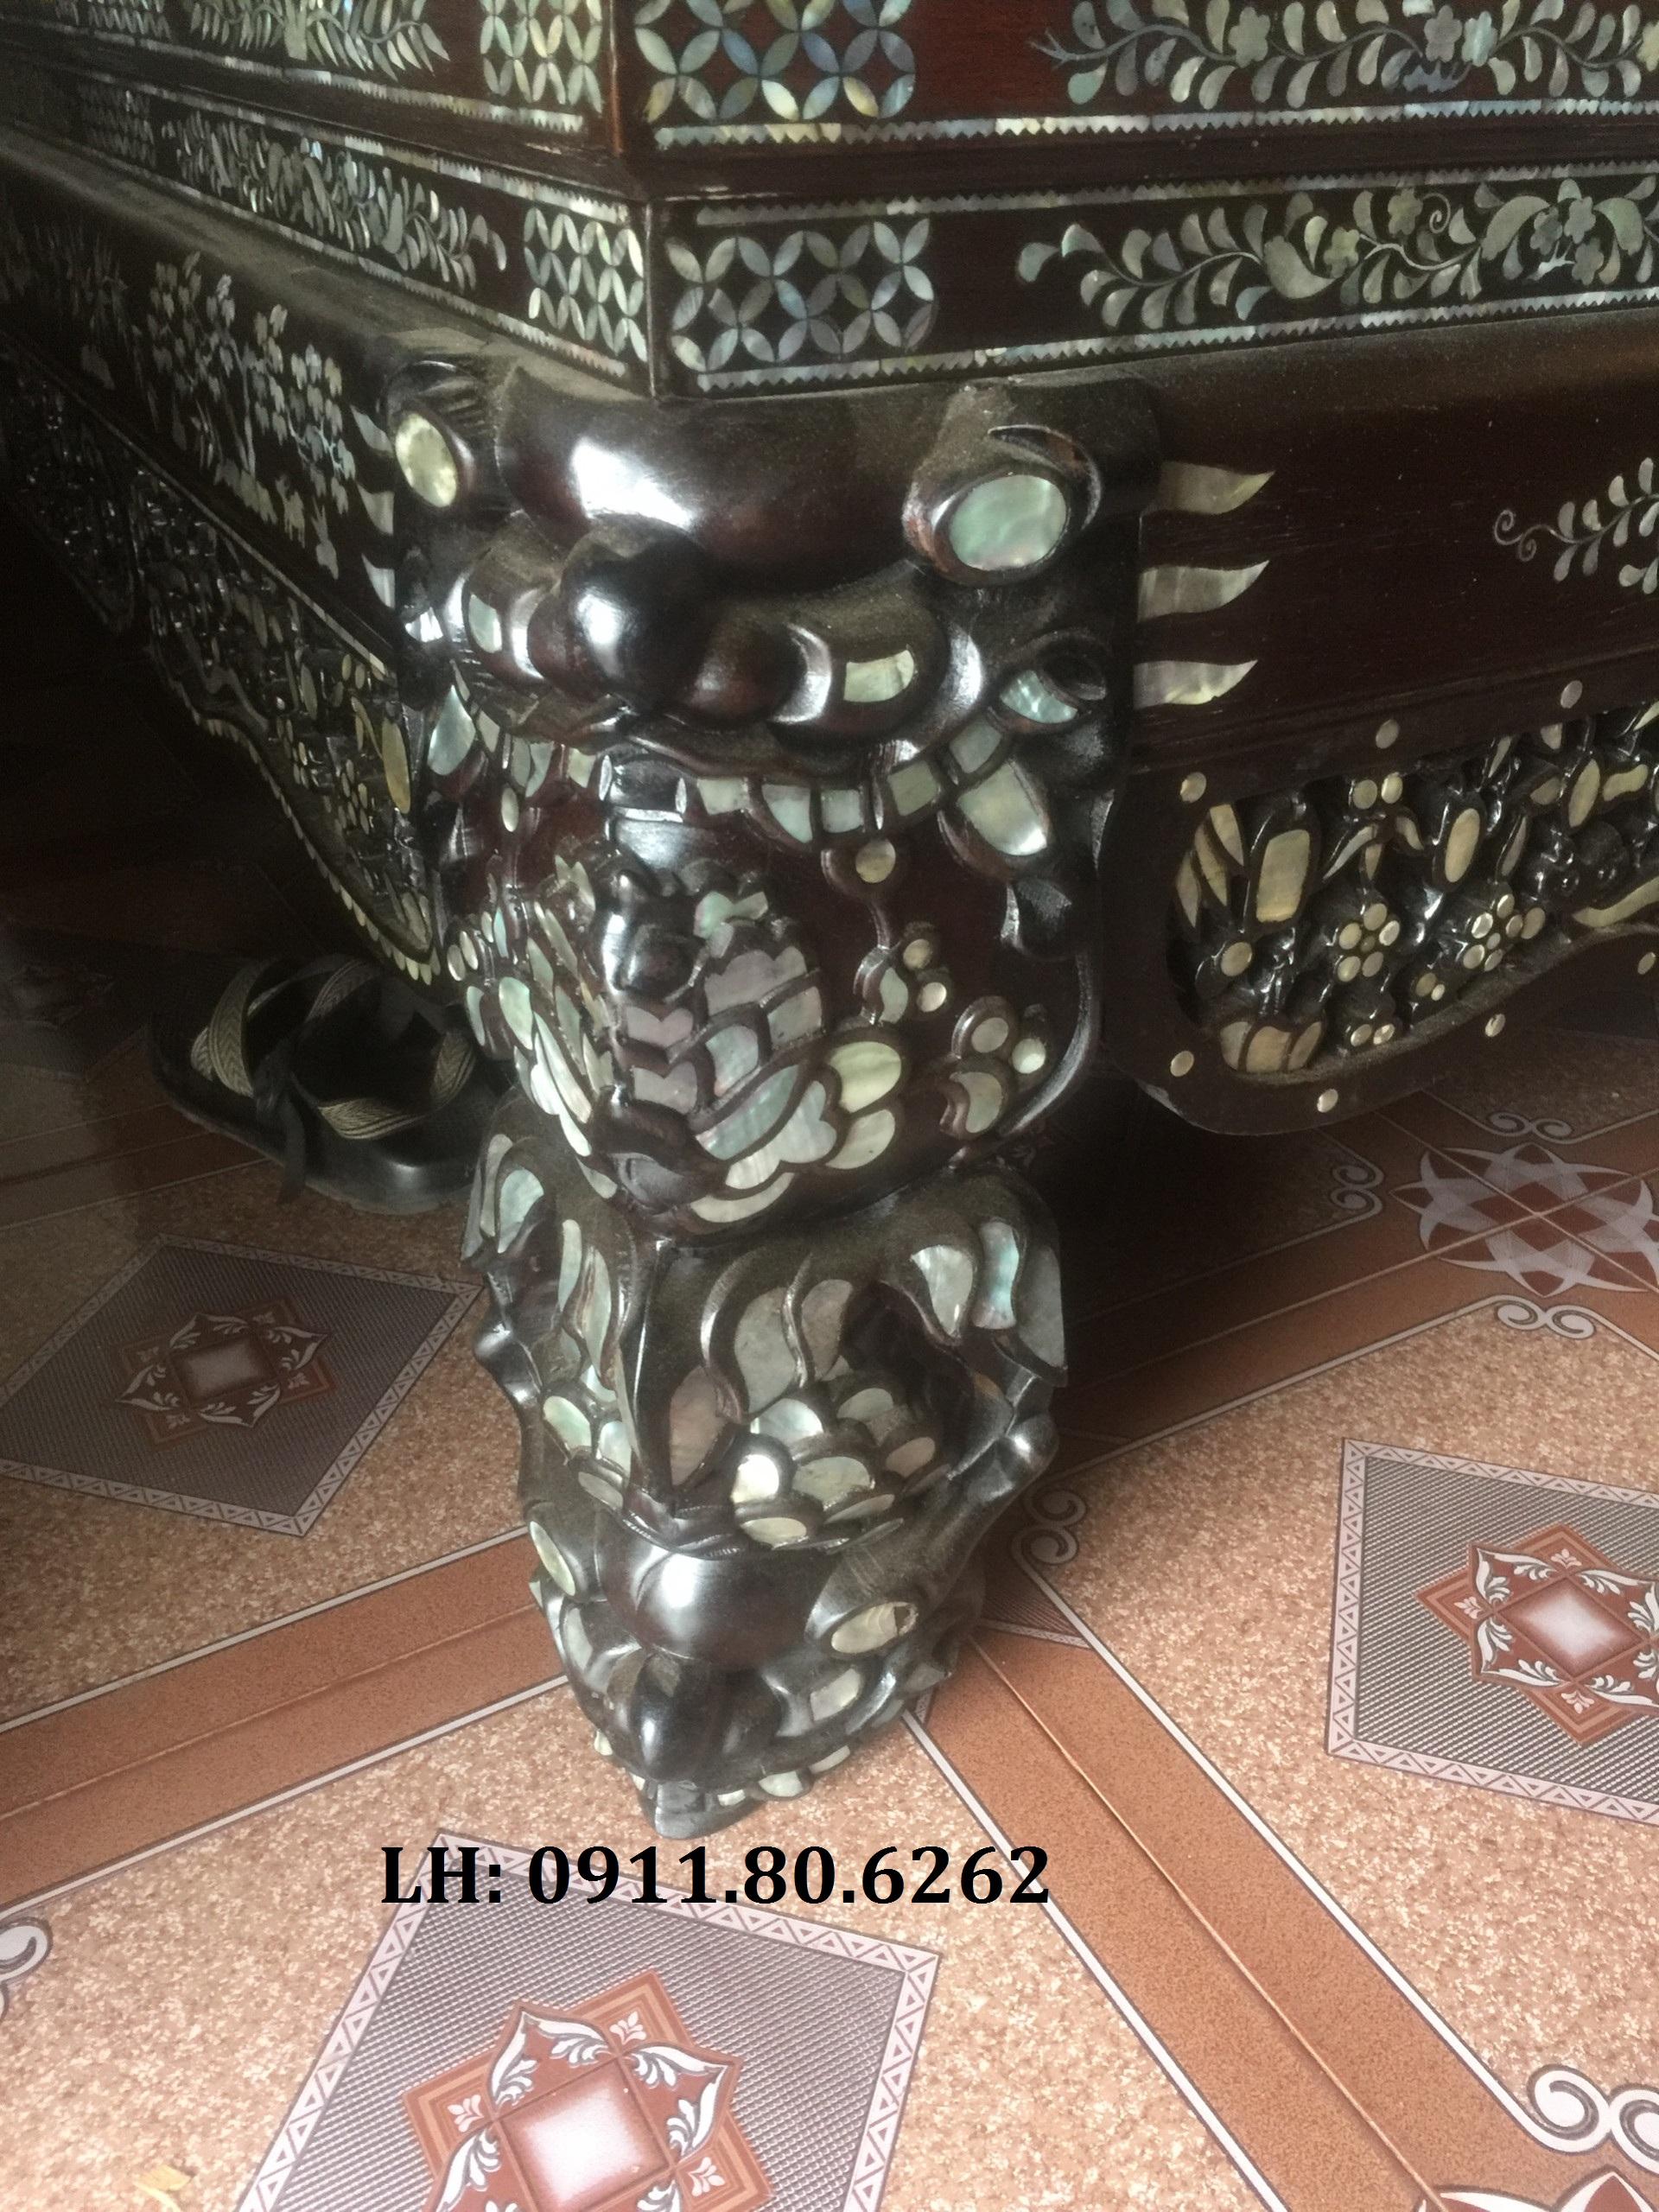 z973844984052 165b5ae02658ae57d2caa7415740d752 - Giường Ba Thành Khảm ốc MS: 02